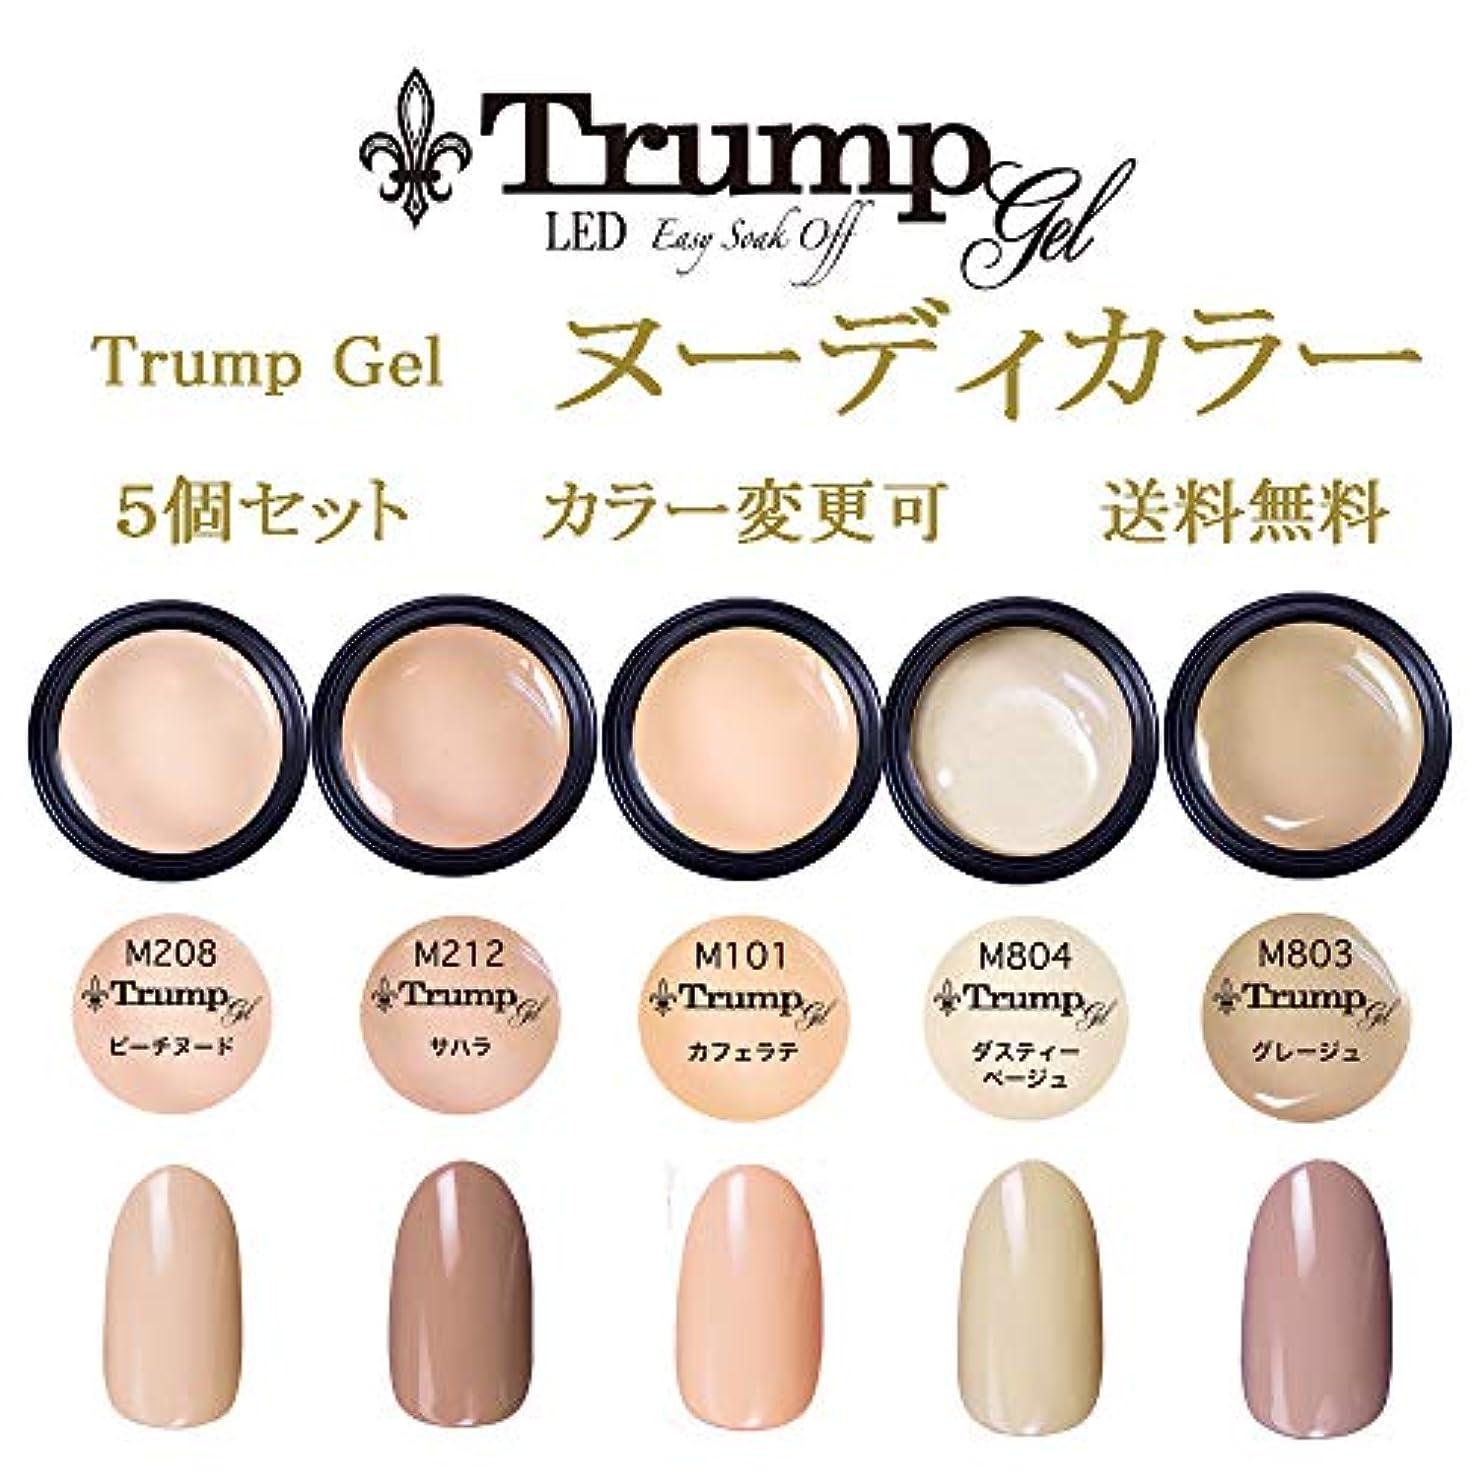 段階夫婦織る日本製 Trump gel トランプジェル ヌーディカラー 選べる カラージェル 5個セット ベージュ ブラウン ピンク